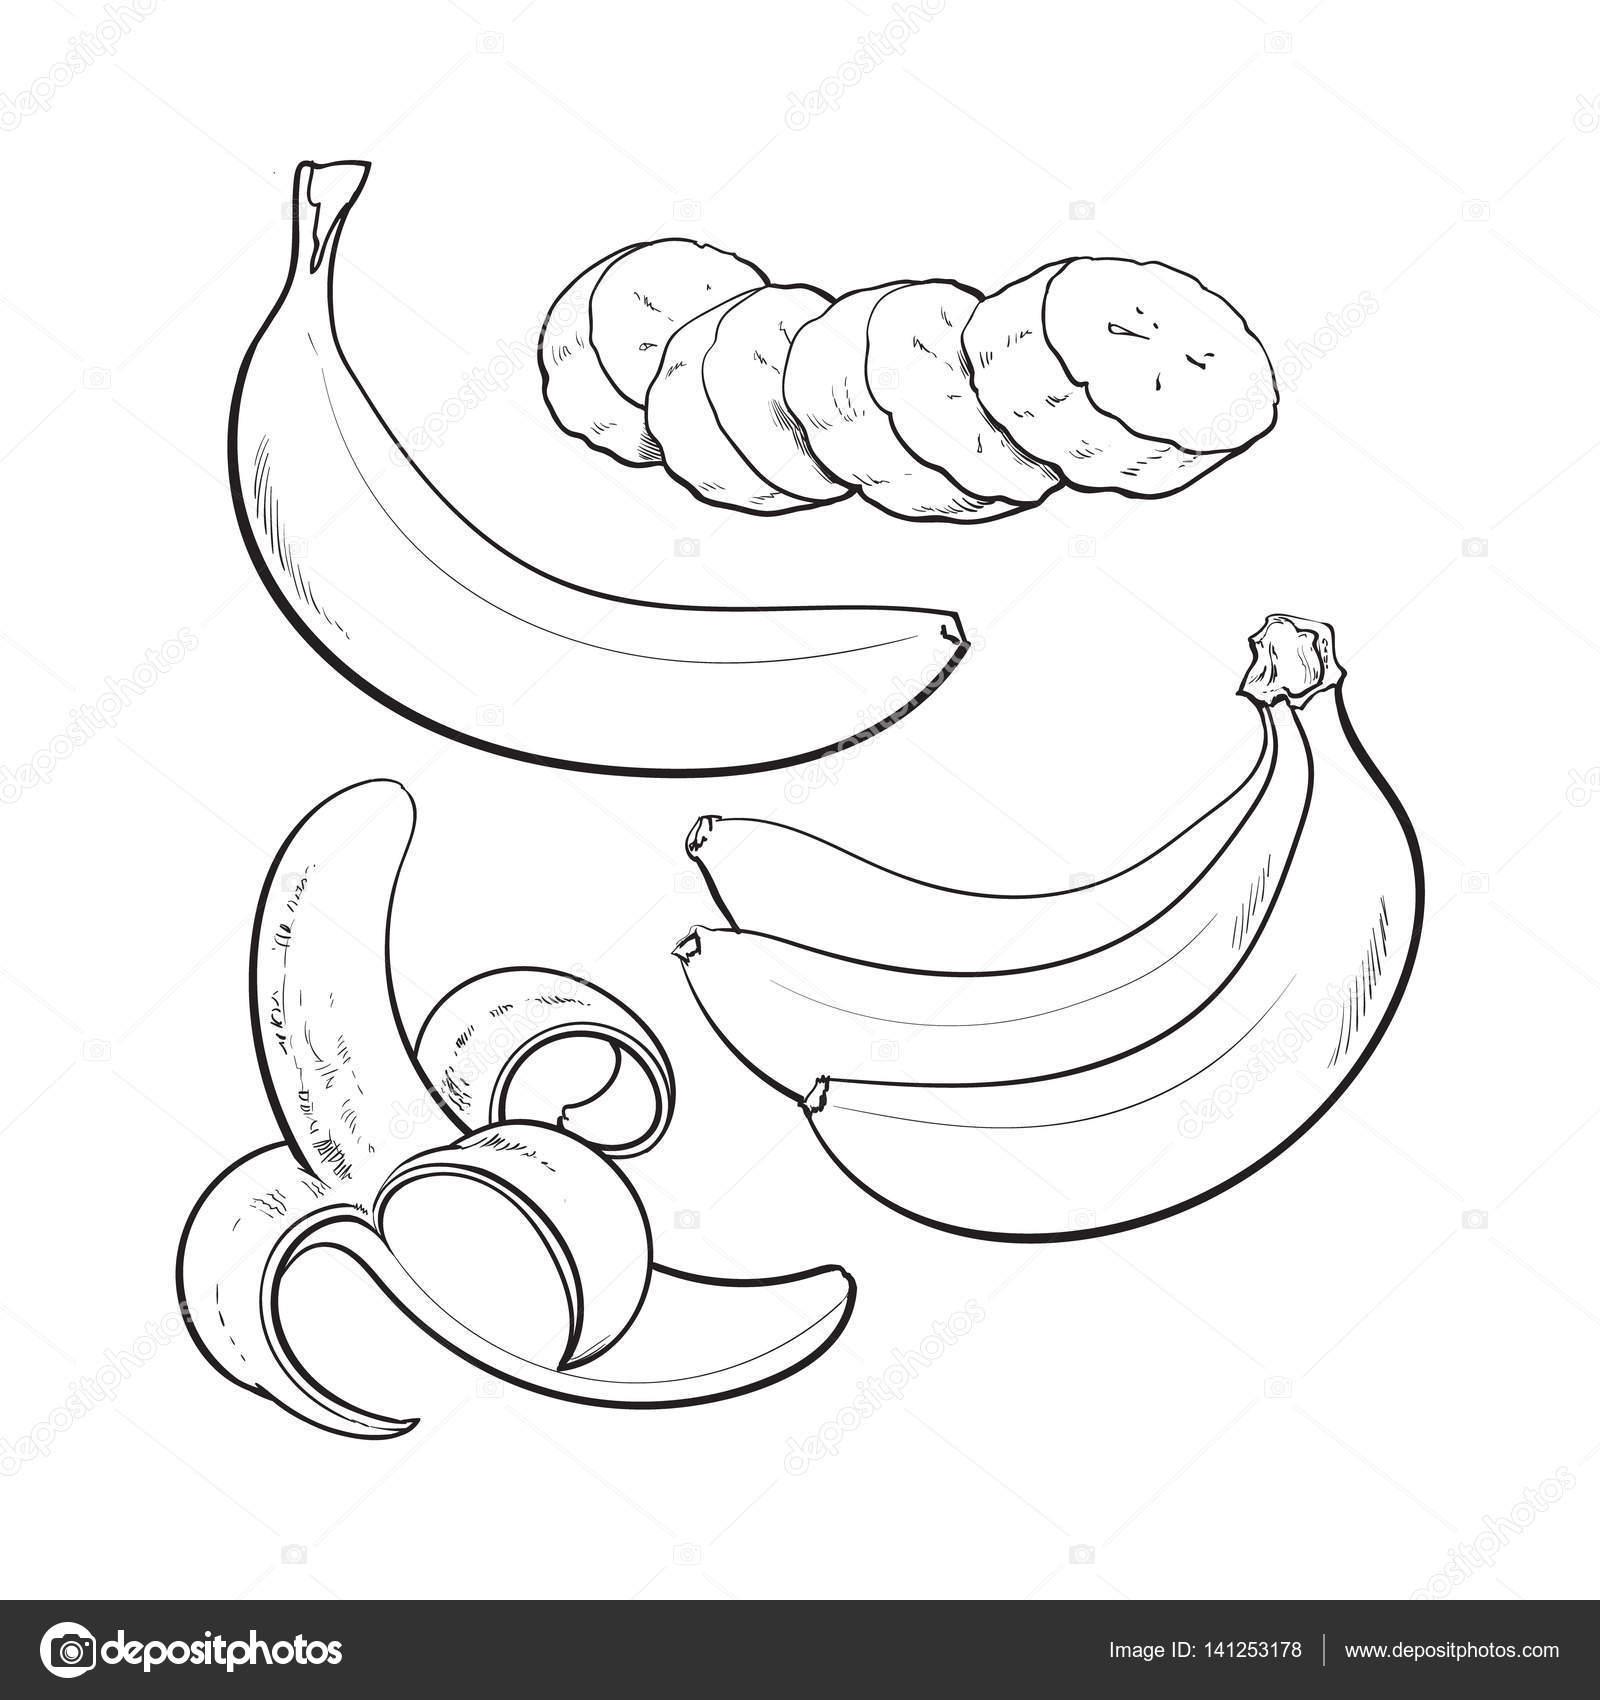 Peeled Banana Drawing At Getdrawings